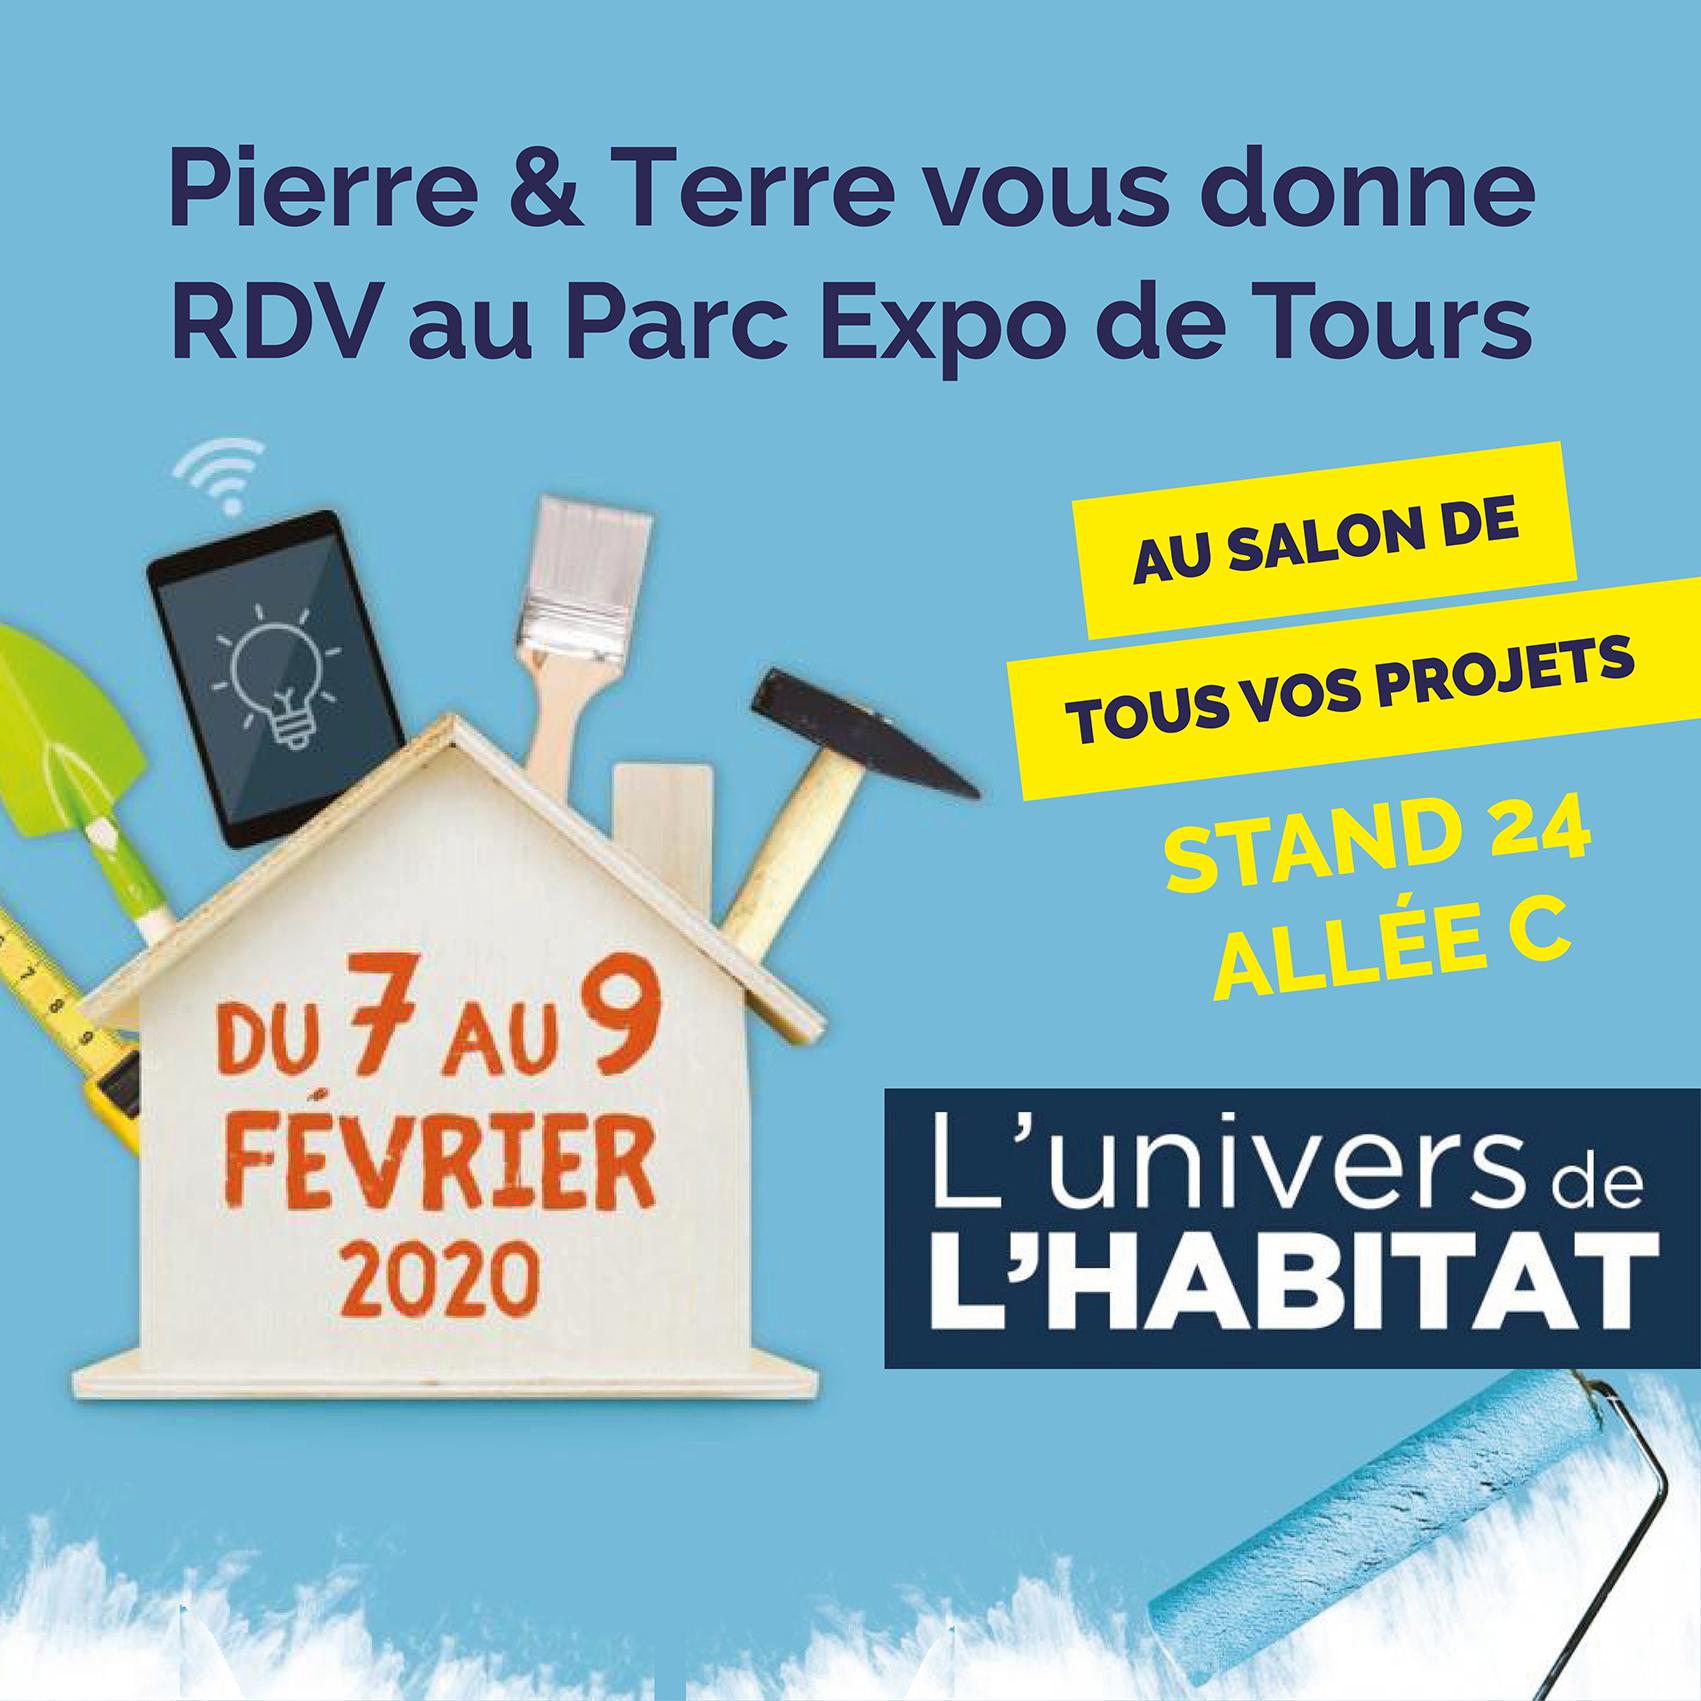 Pierre & Terre au salon 'L'univers de l'habitat' 2020